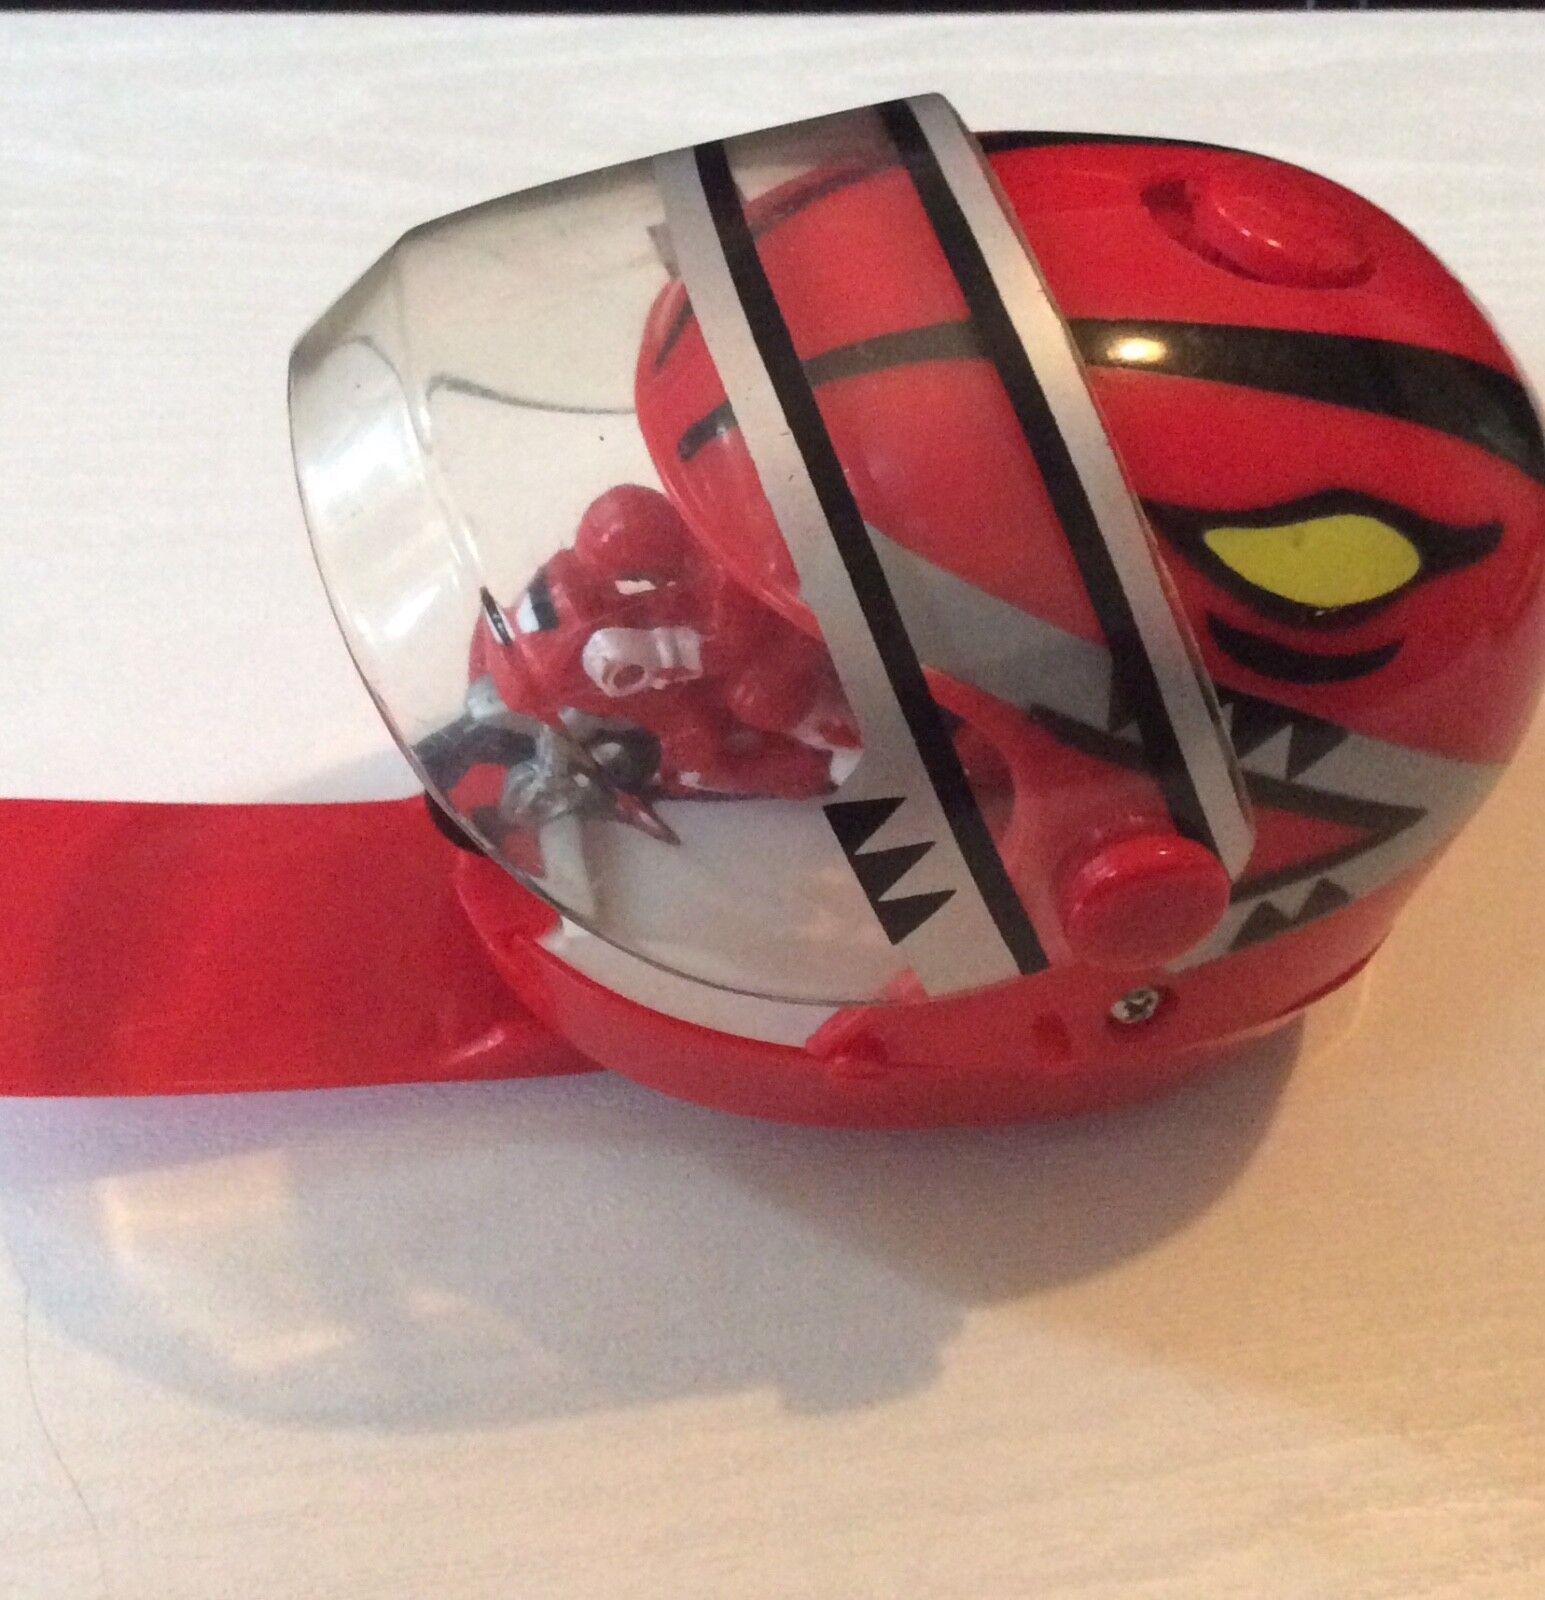 Power Rangers ROT Ranger Helmet, ROT ranger figurine on a motorbike inside,1990s